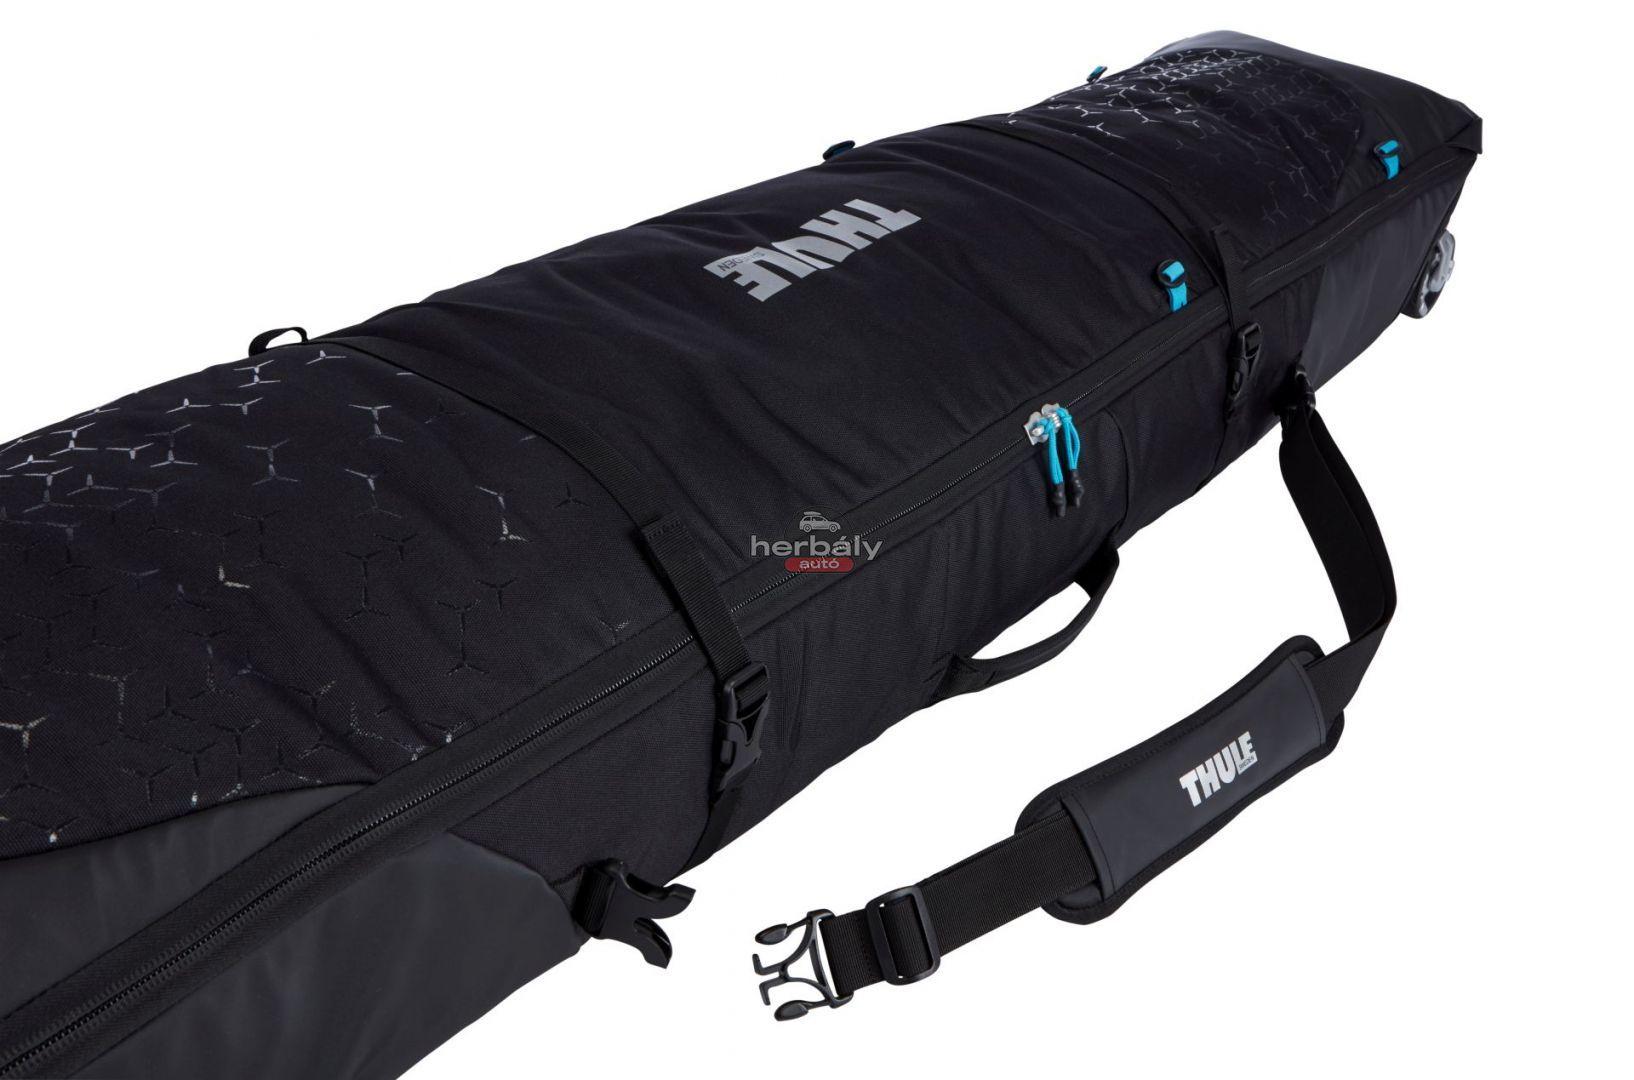 f605e2a6693c Thule RoundTrip 205501 snowboard táska, fekete | Táska, hátizsák ...